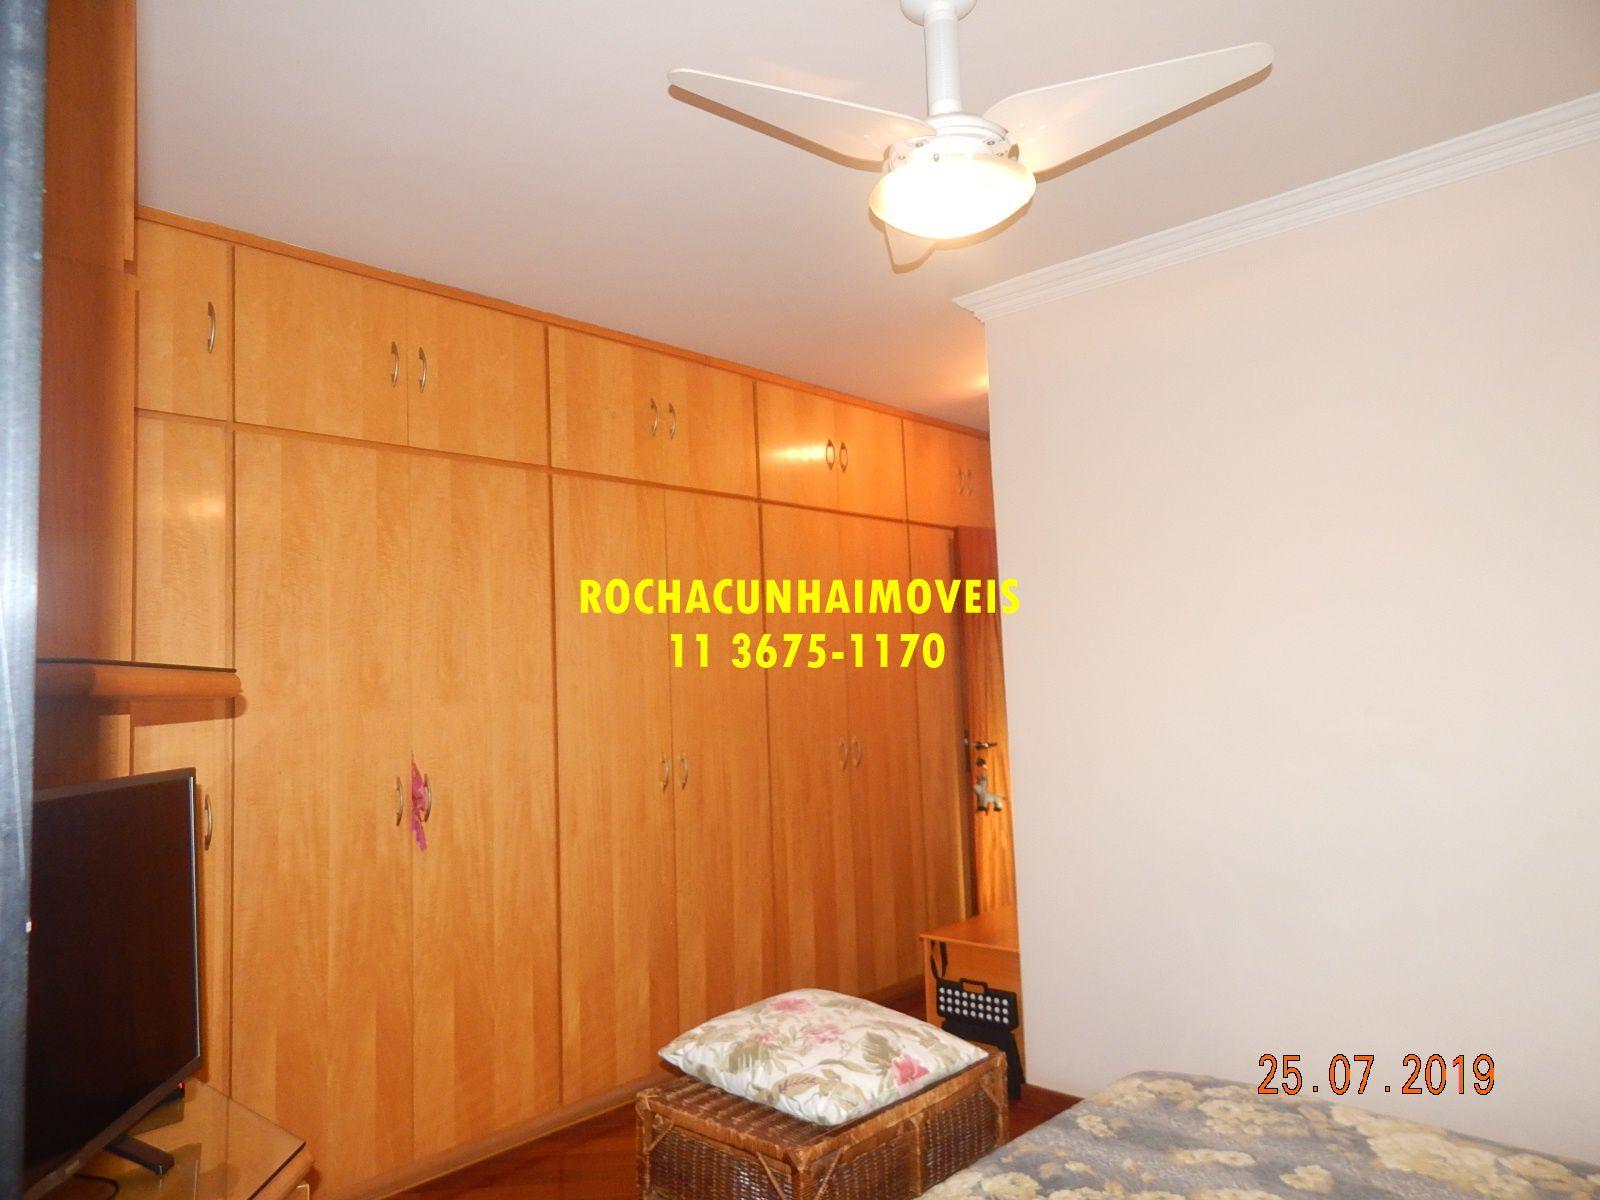 Apartamento Para Alugar - Perdizes - São Paulo - SP - LOCA86 - 15